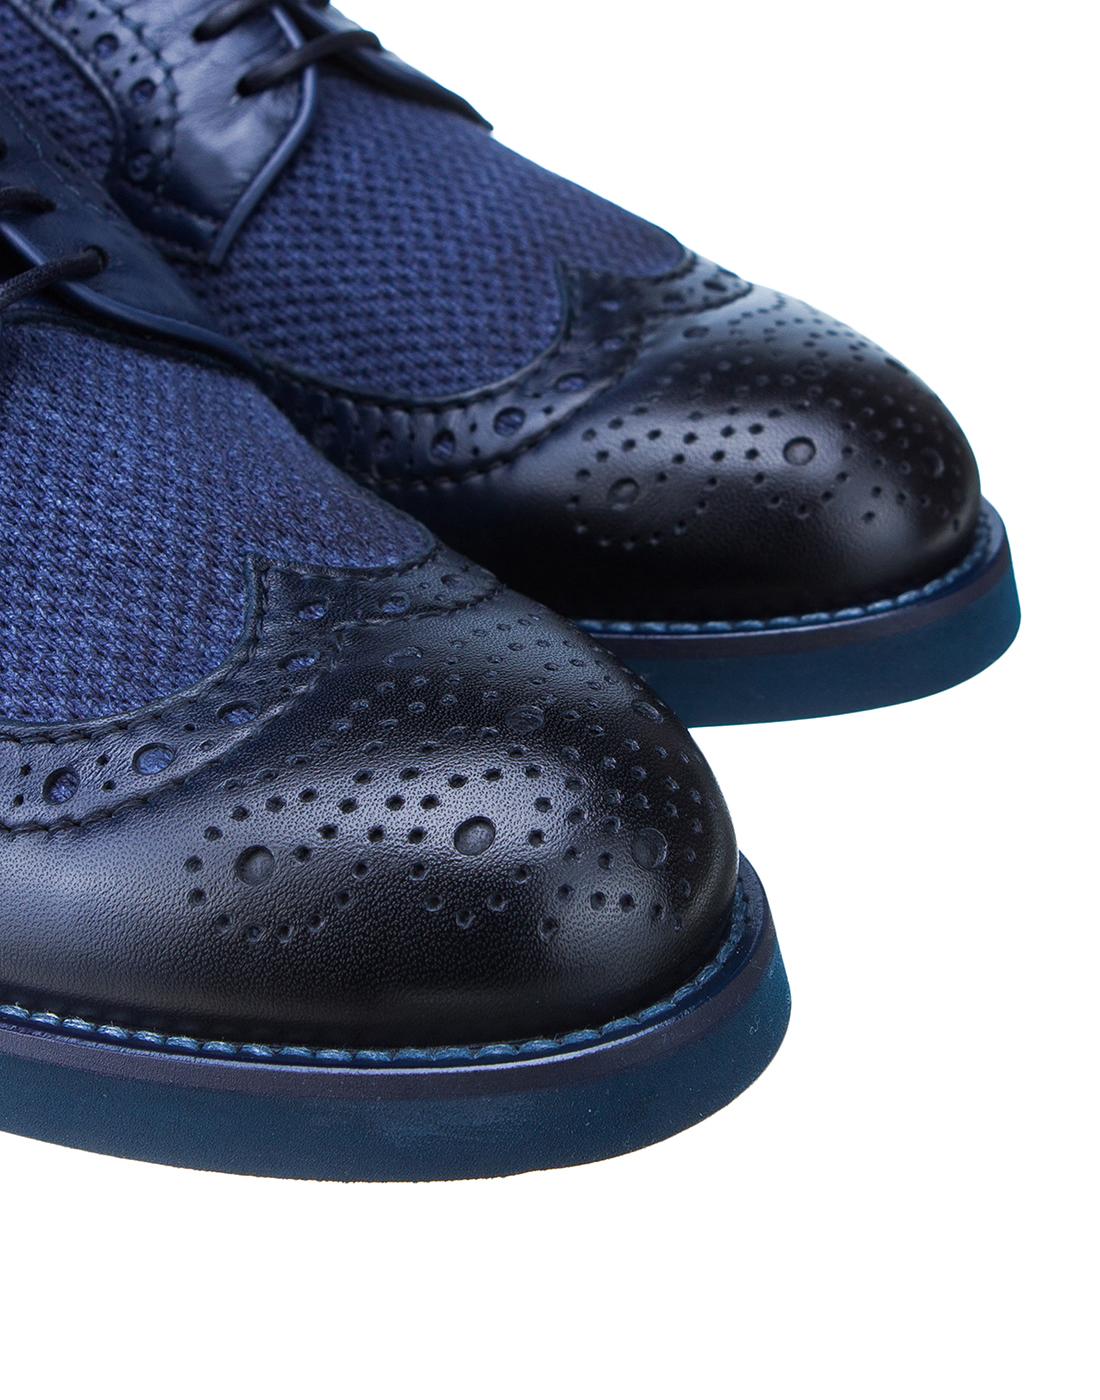 Броги синие мужские  Doucal's SDU1555POTERZ093BB02-4